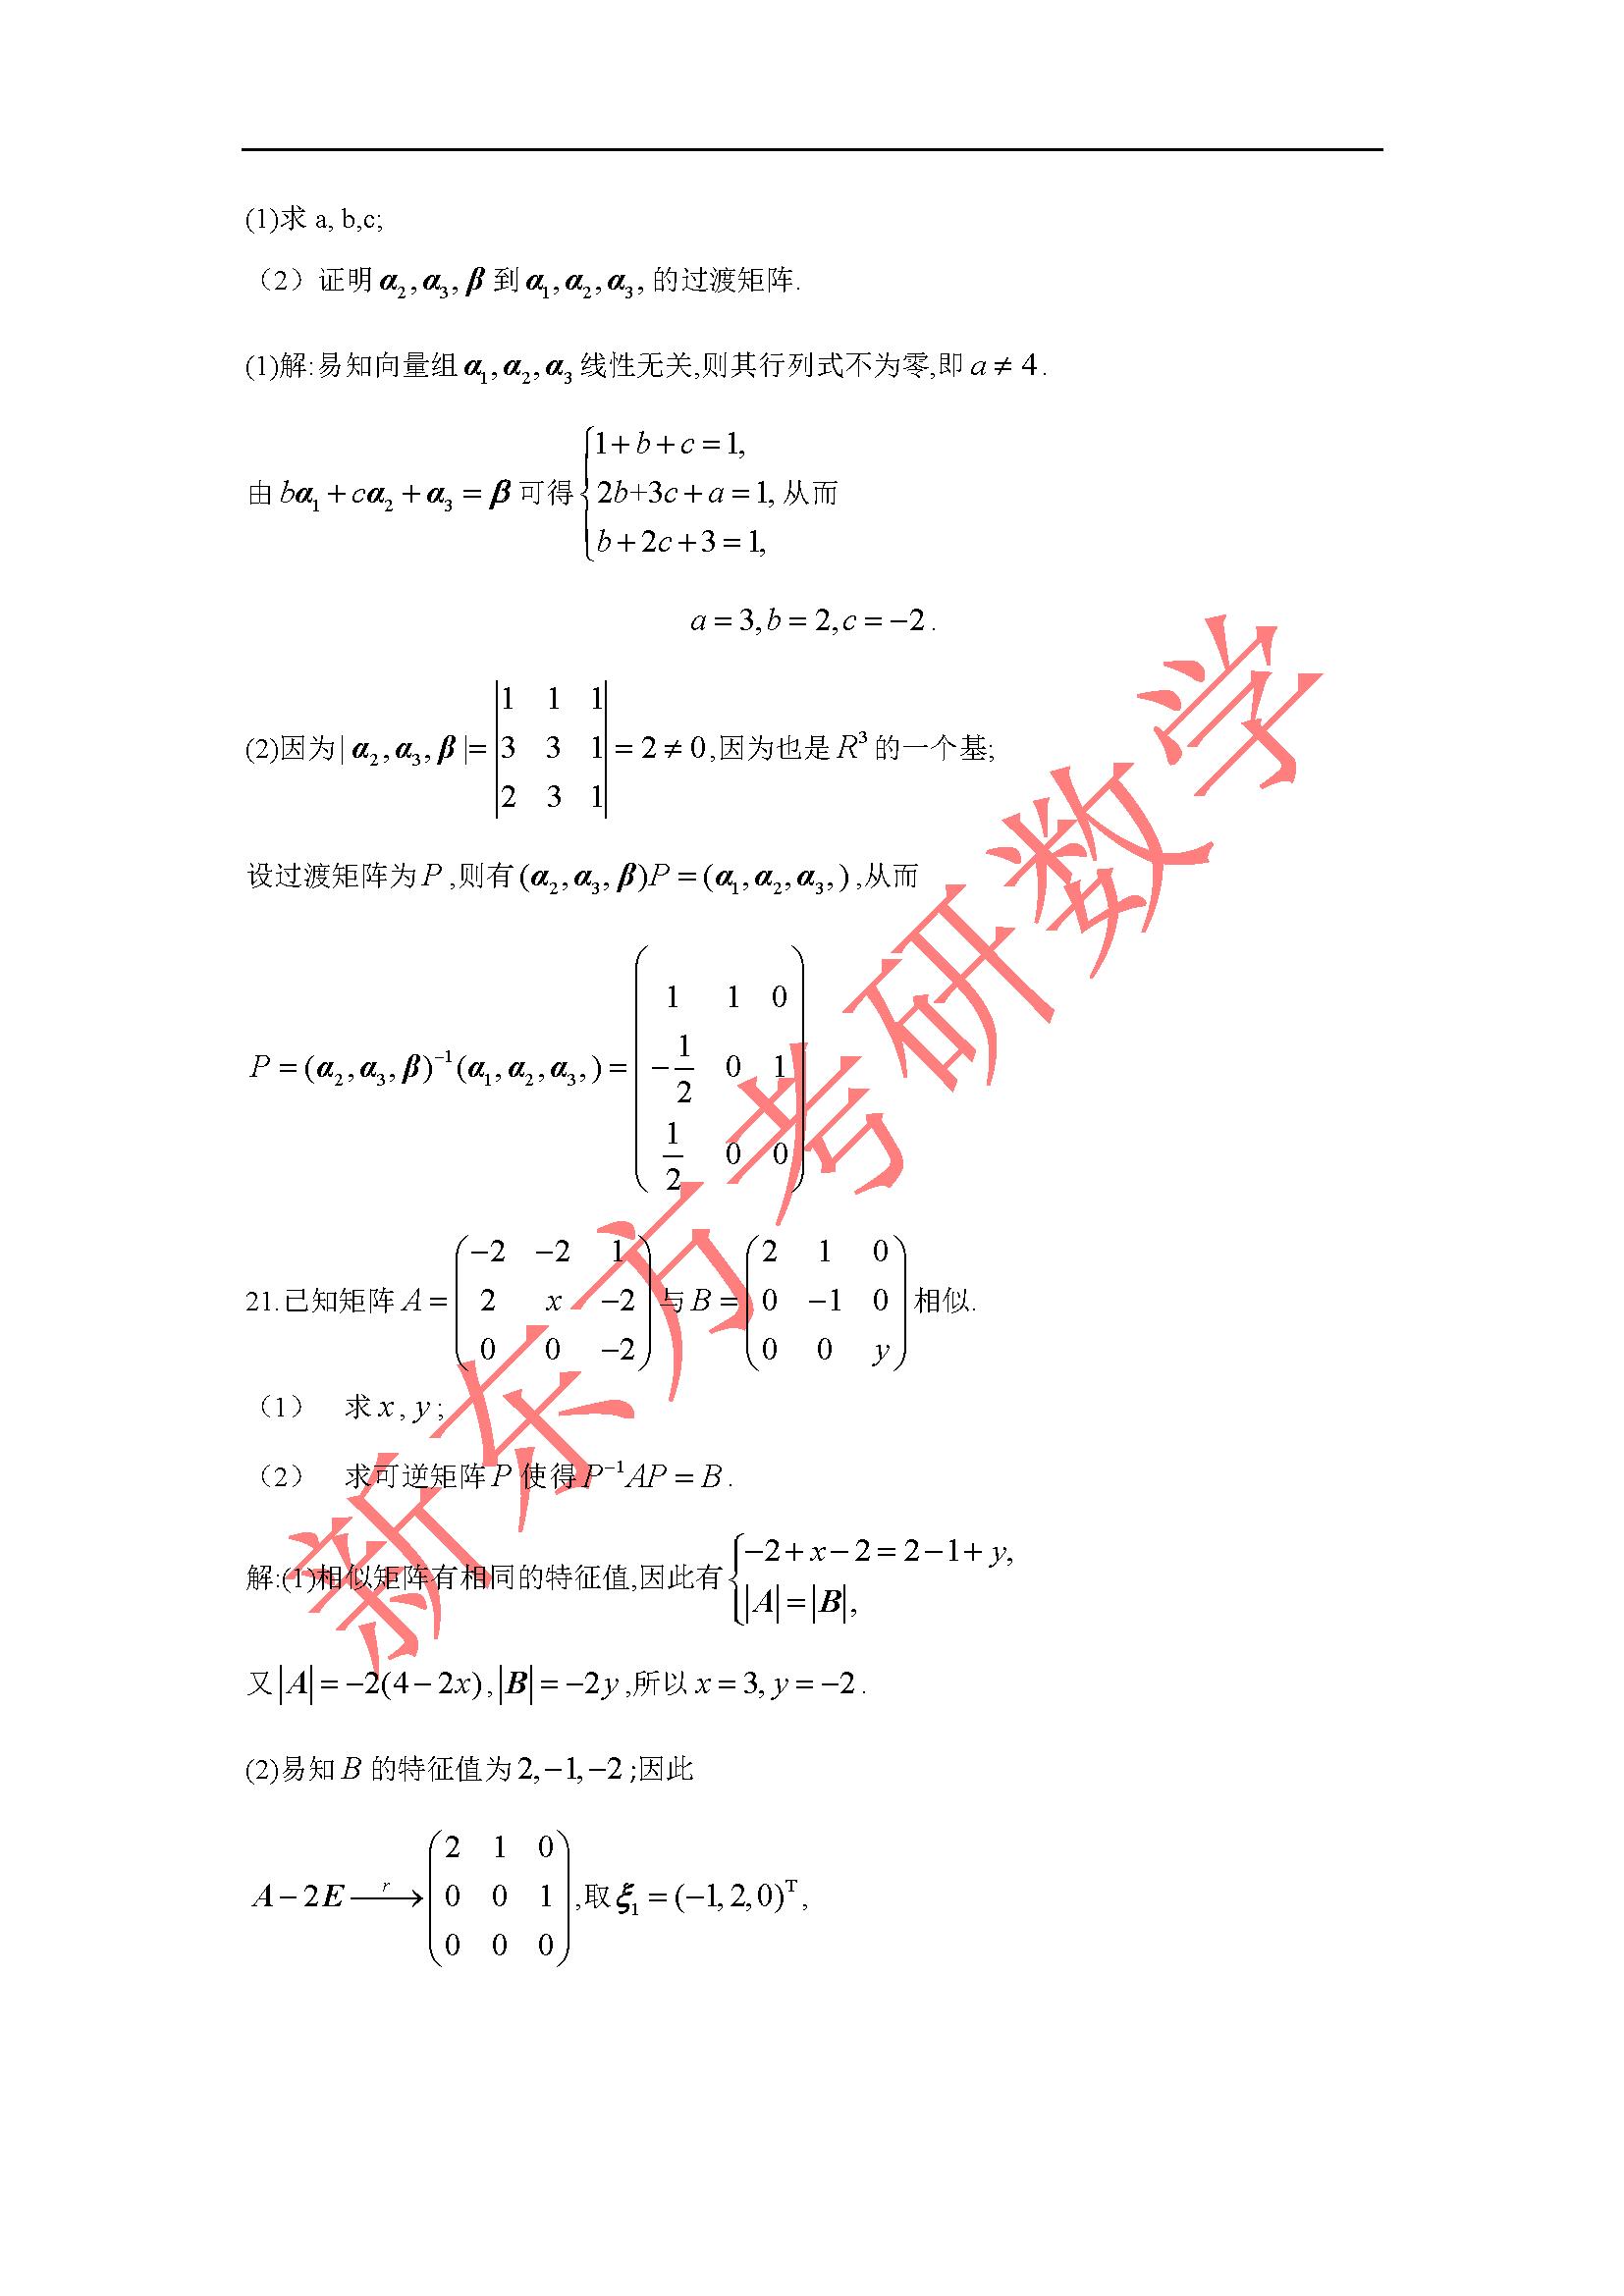 考研数学一答案